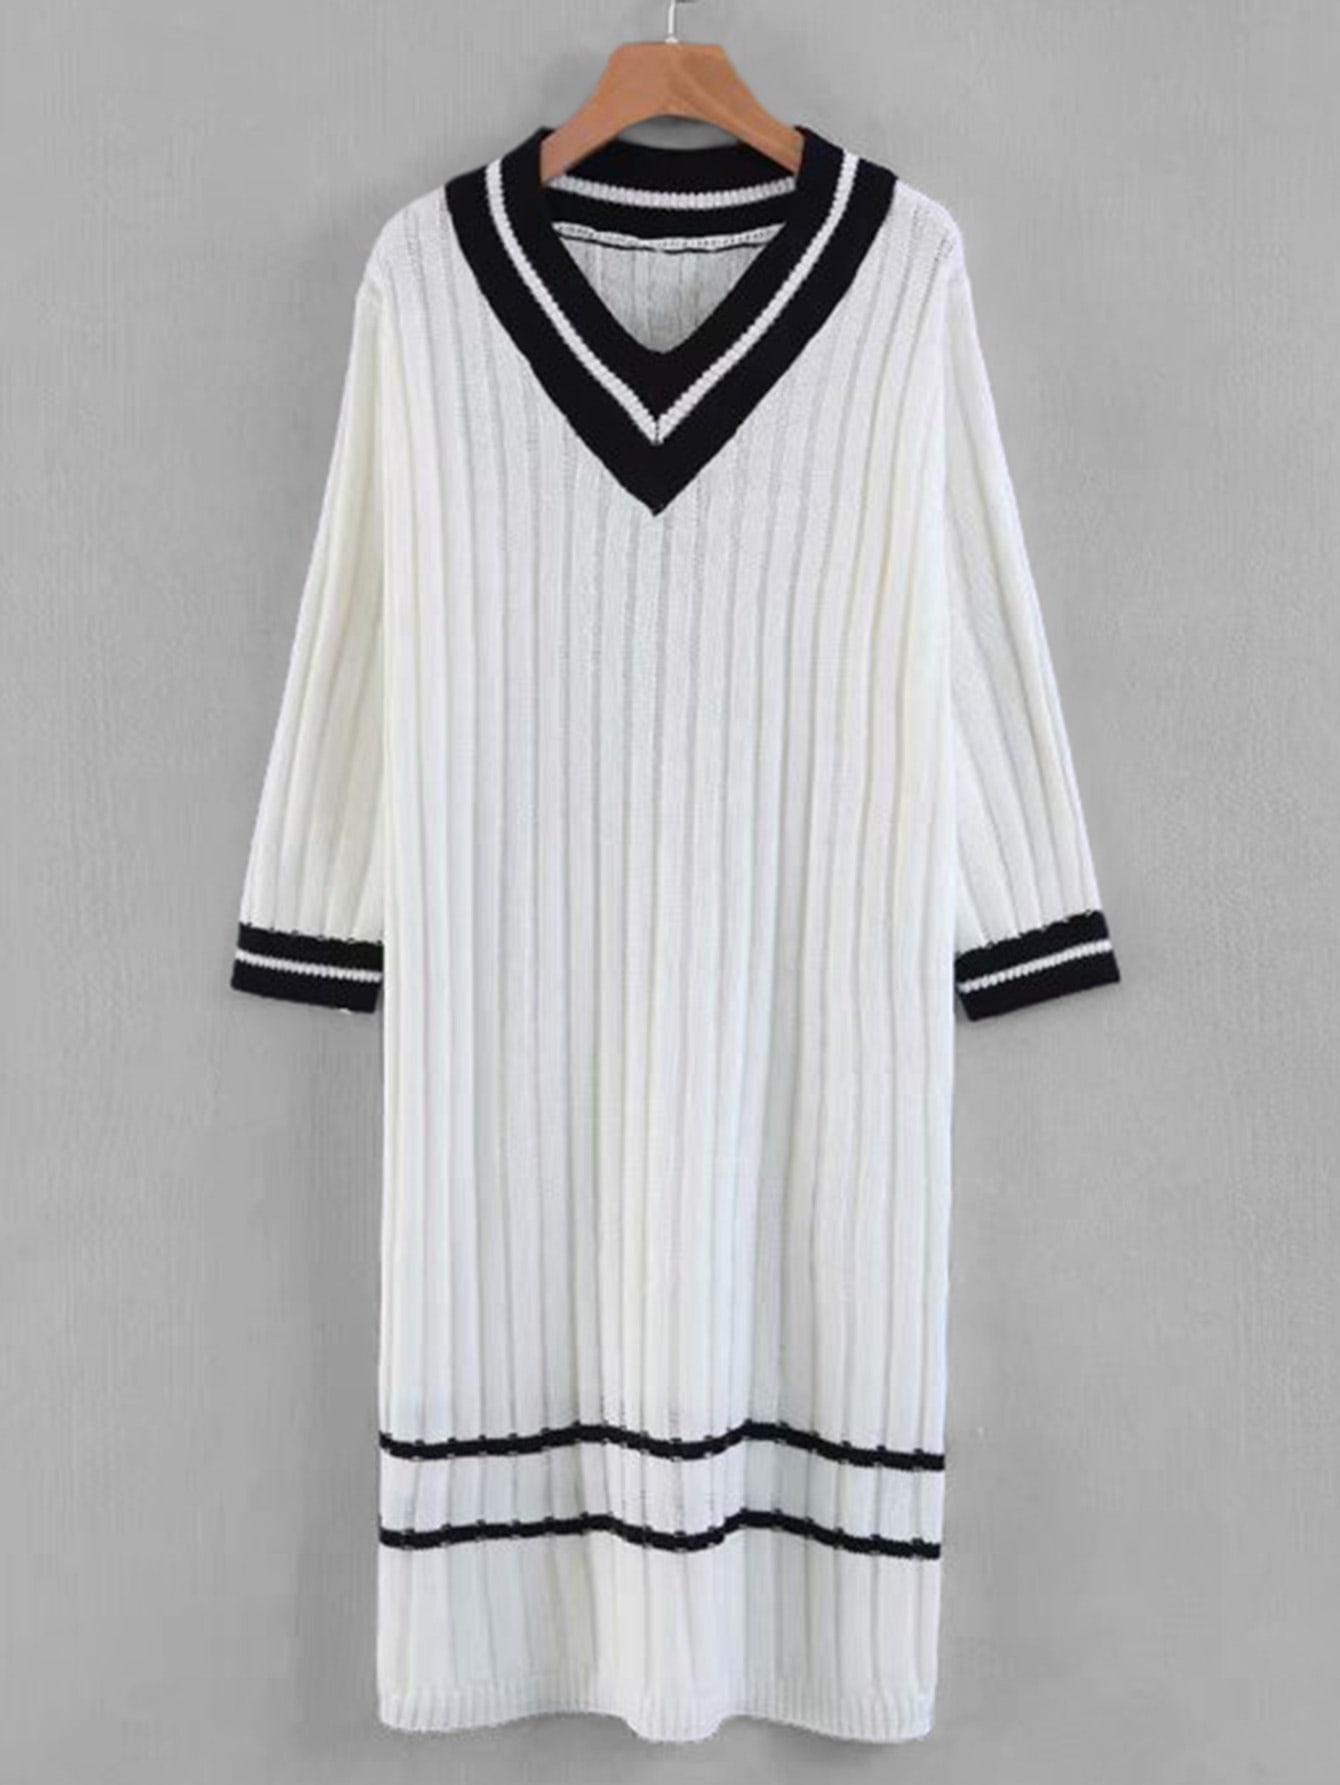 Купить Платье-фуфайка со симметрическими полосатыми оторочками и с V-образным вырезом, null, SheIn